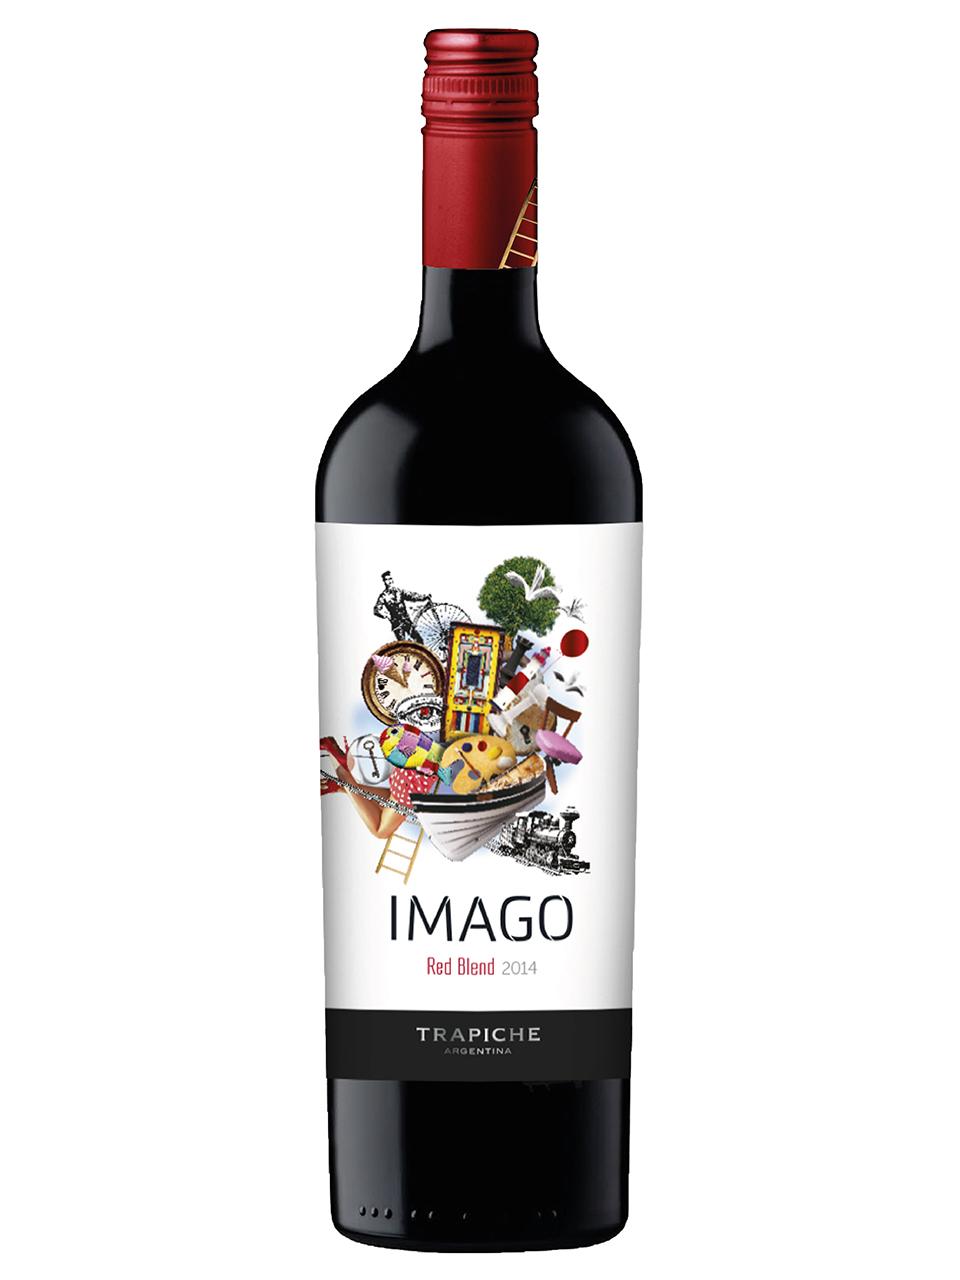 Trapiche Imago Red Blend